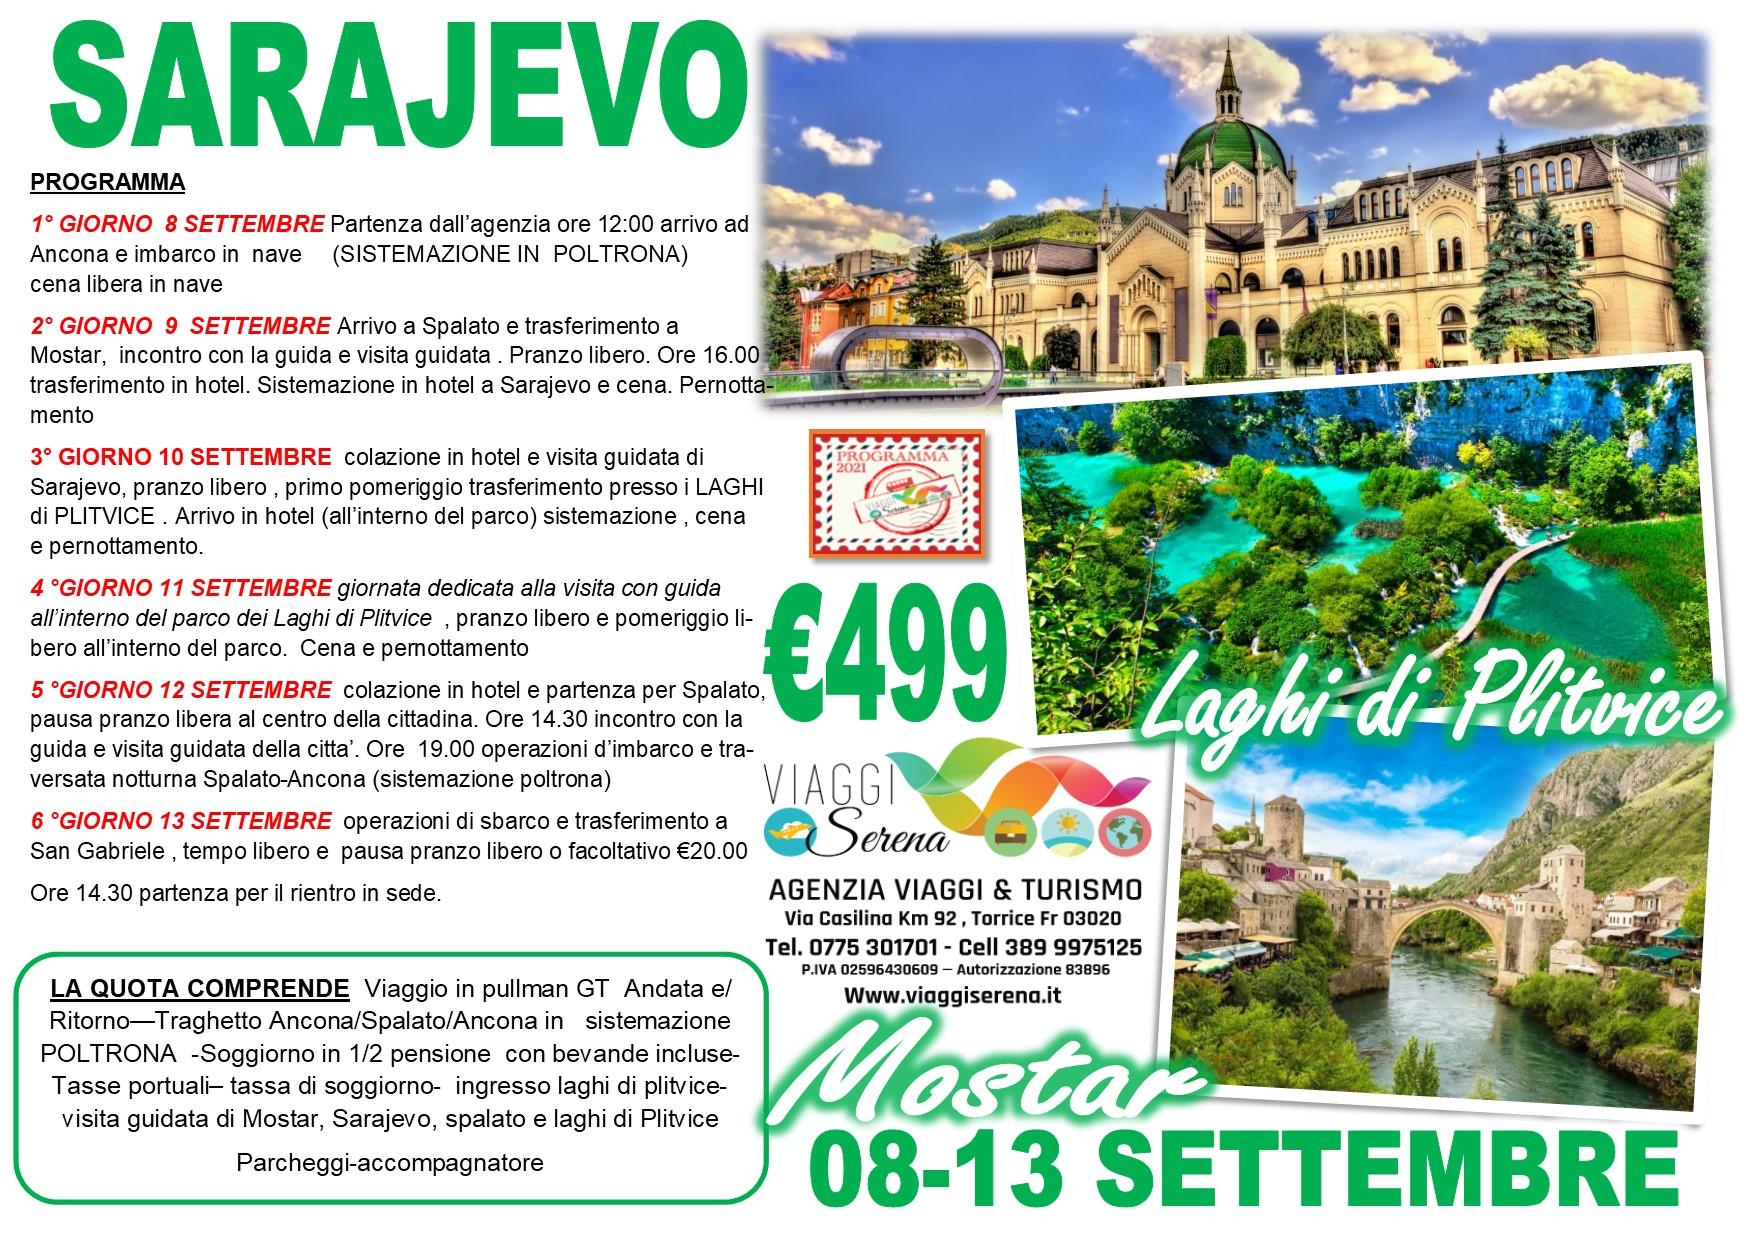 Viaggi di Gruppo: Sarajevo , Mostar, Spalato & i LAGHI di PLITVICE  8-13 Settembre  € 499,00